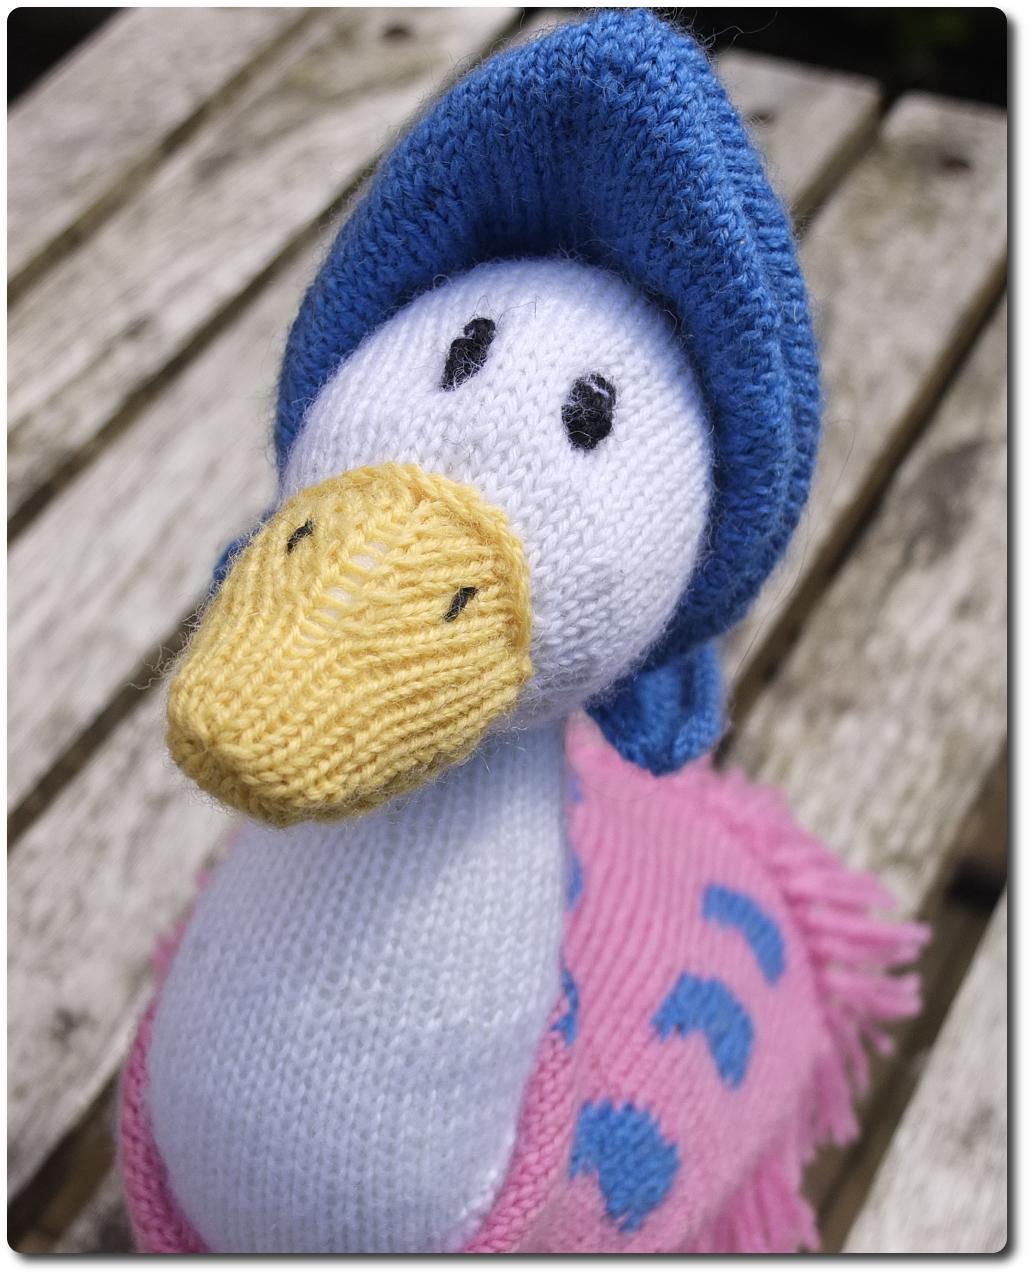 Knitty Nerd: Jemima Puddle-Duck